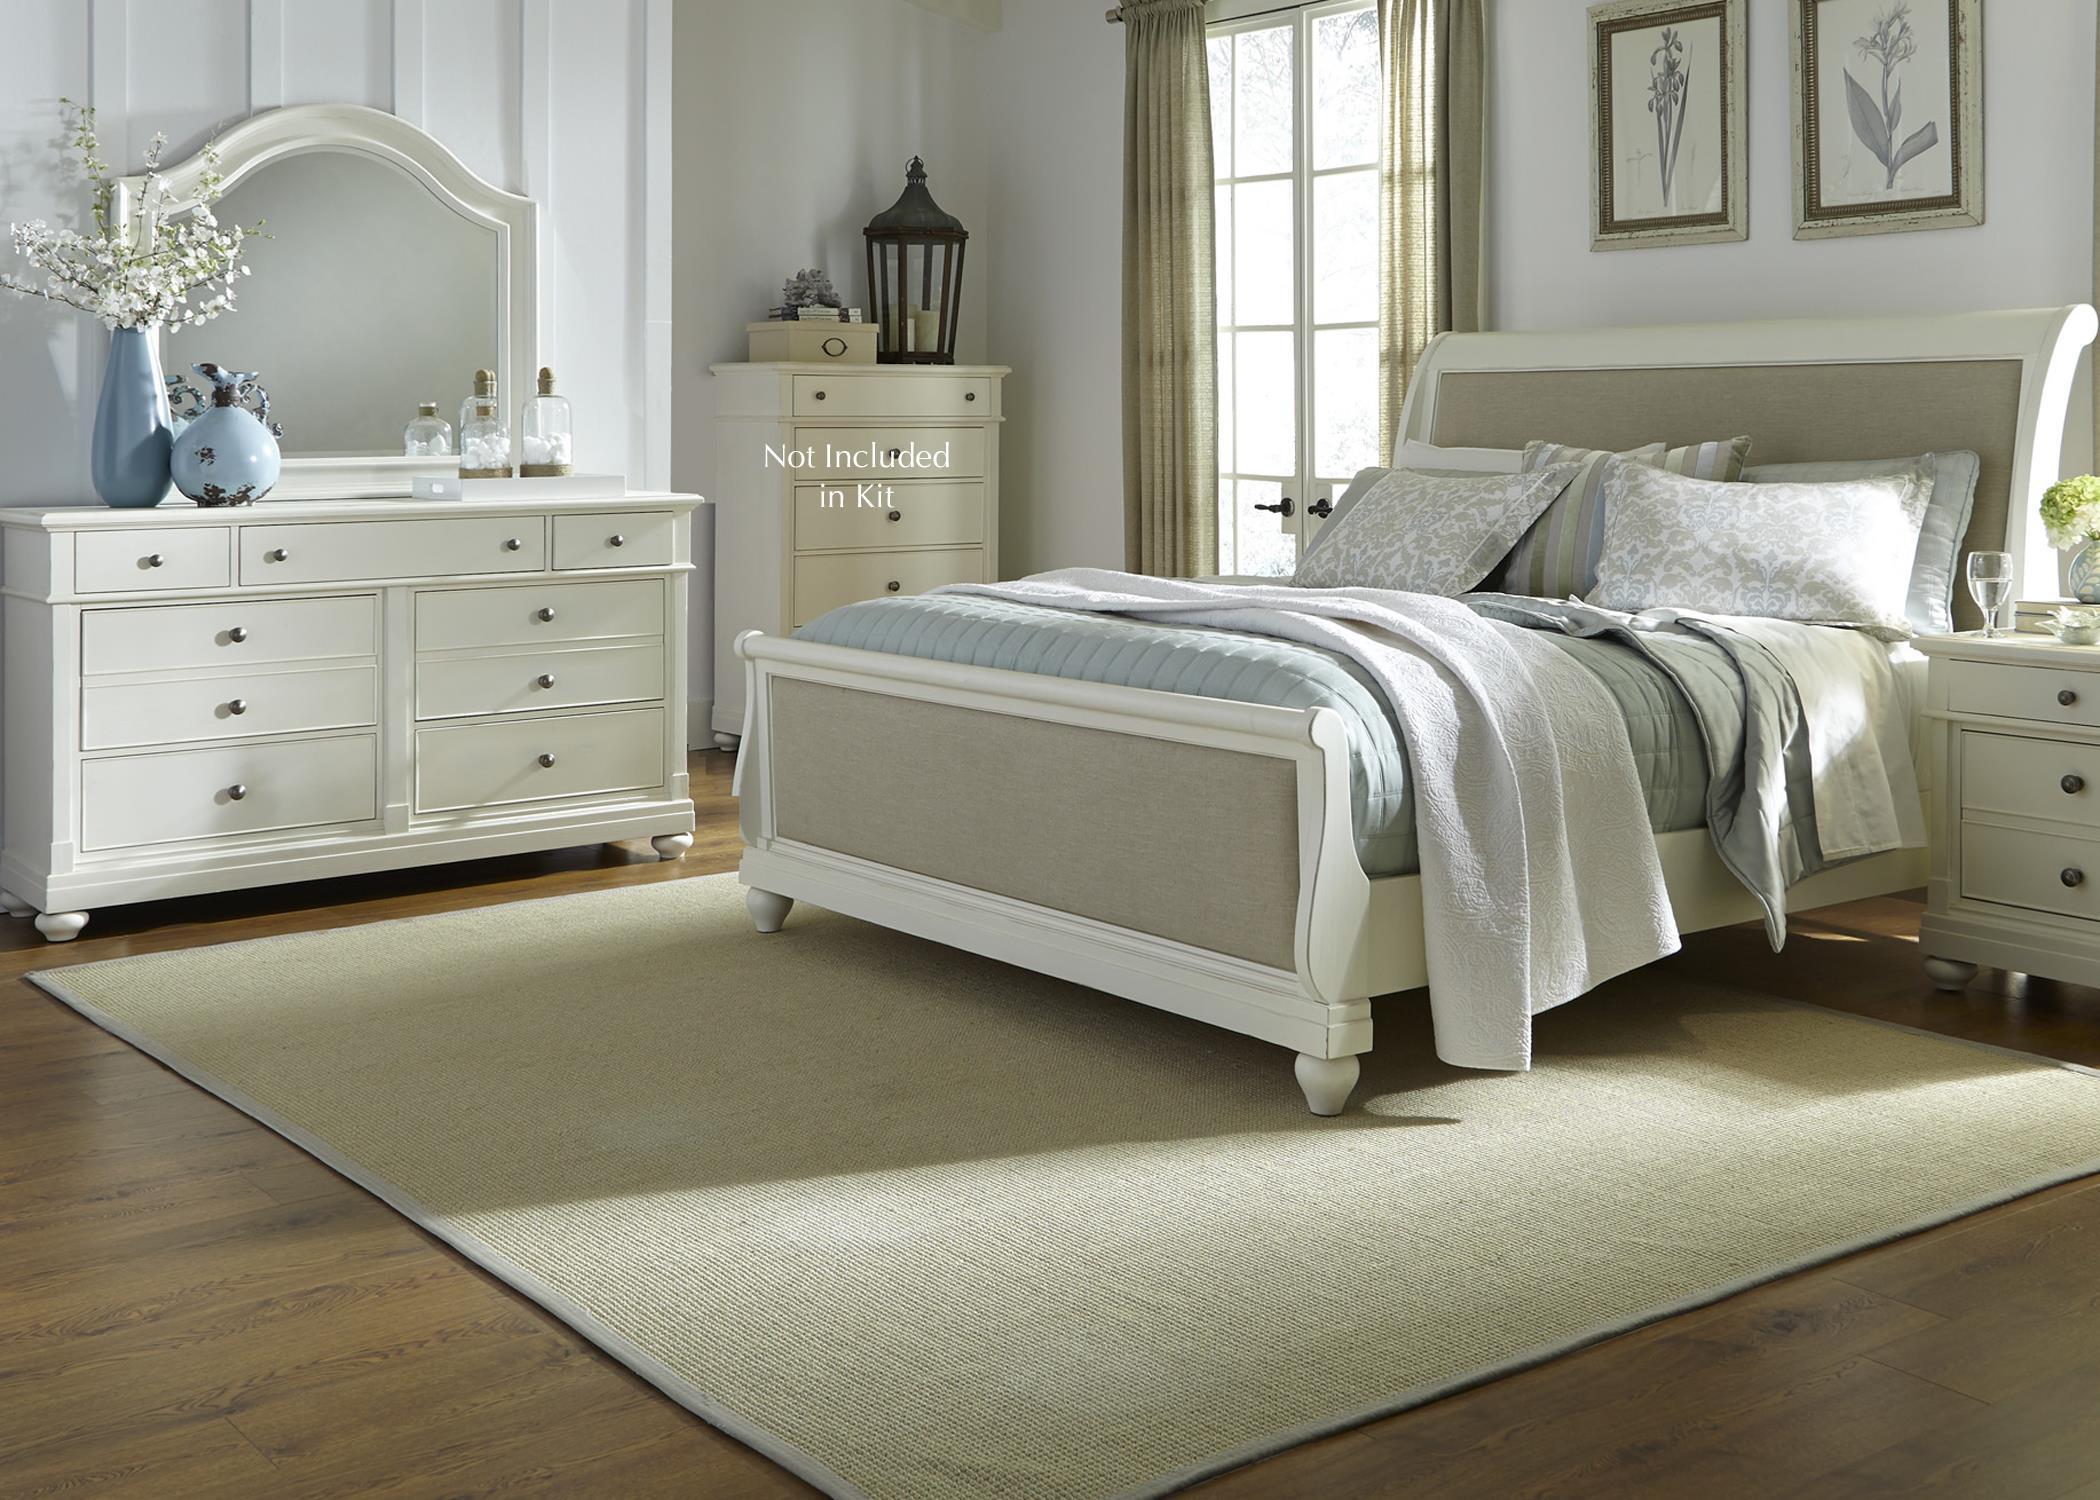 Liberty Furniture Harbor View King Bedroom Group - Item Number: 631-BR-KSLDM